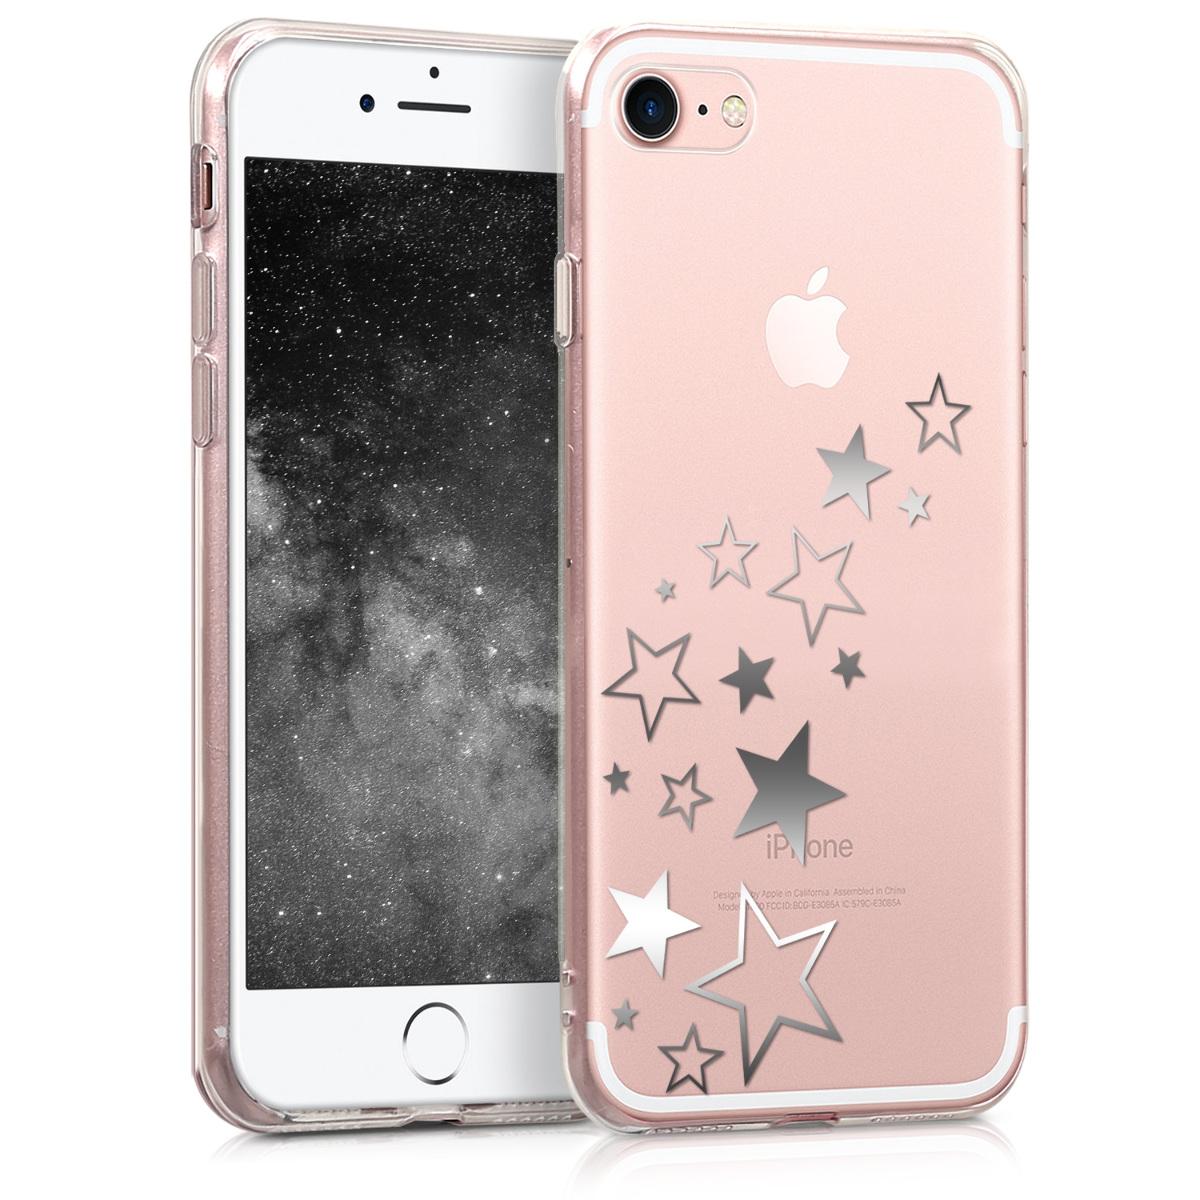 Kvalitní silikonové TPU pouzdro pro Apple iPhone 7 / 8 / SE  - Hvězda Mix Silver | Transparent